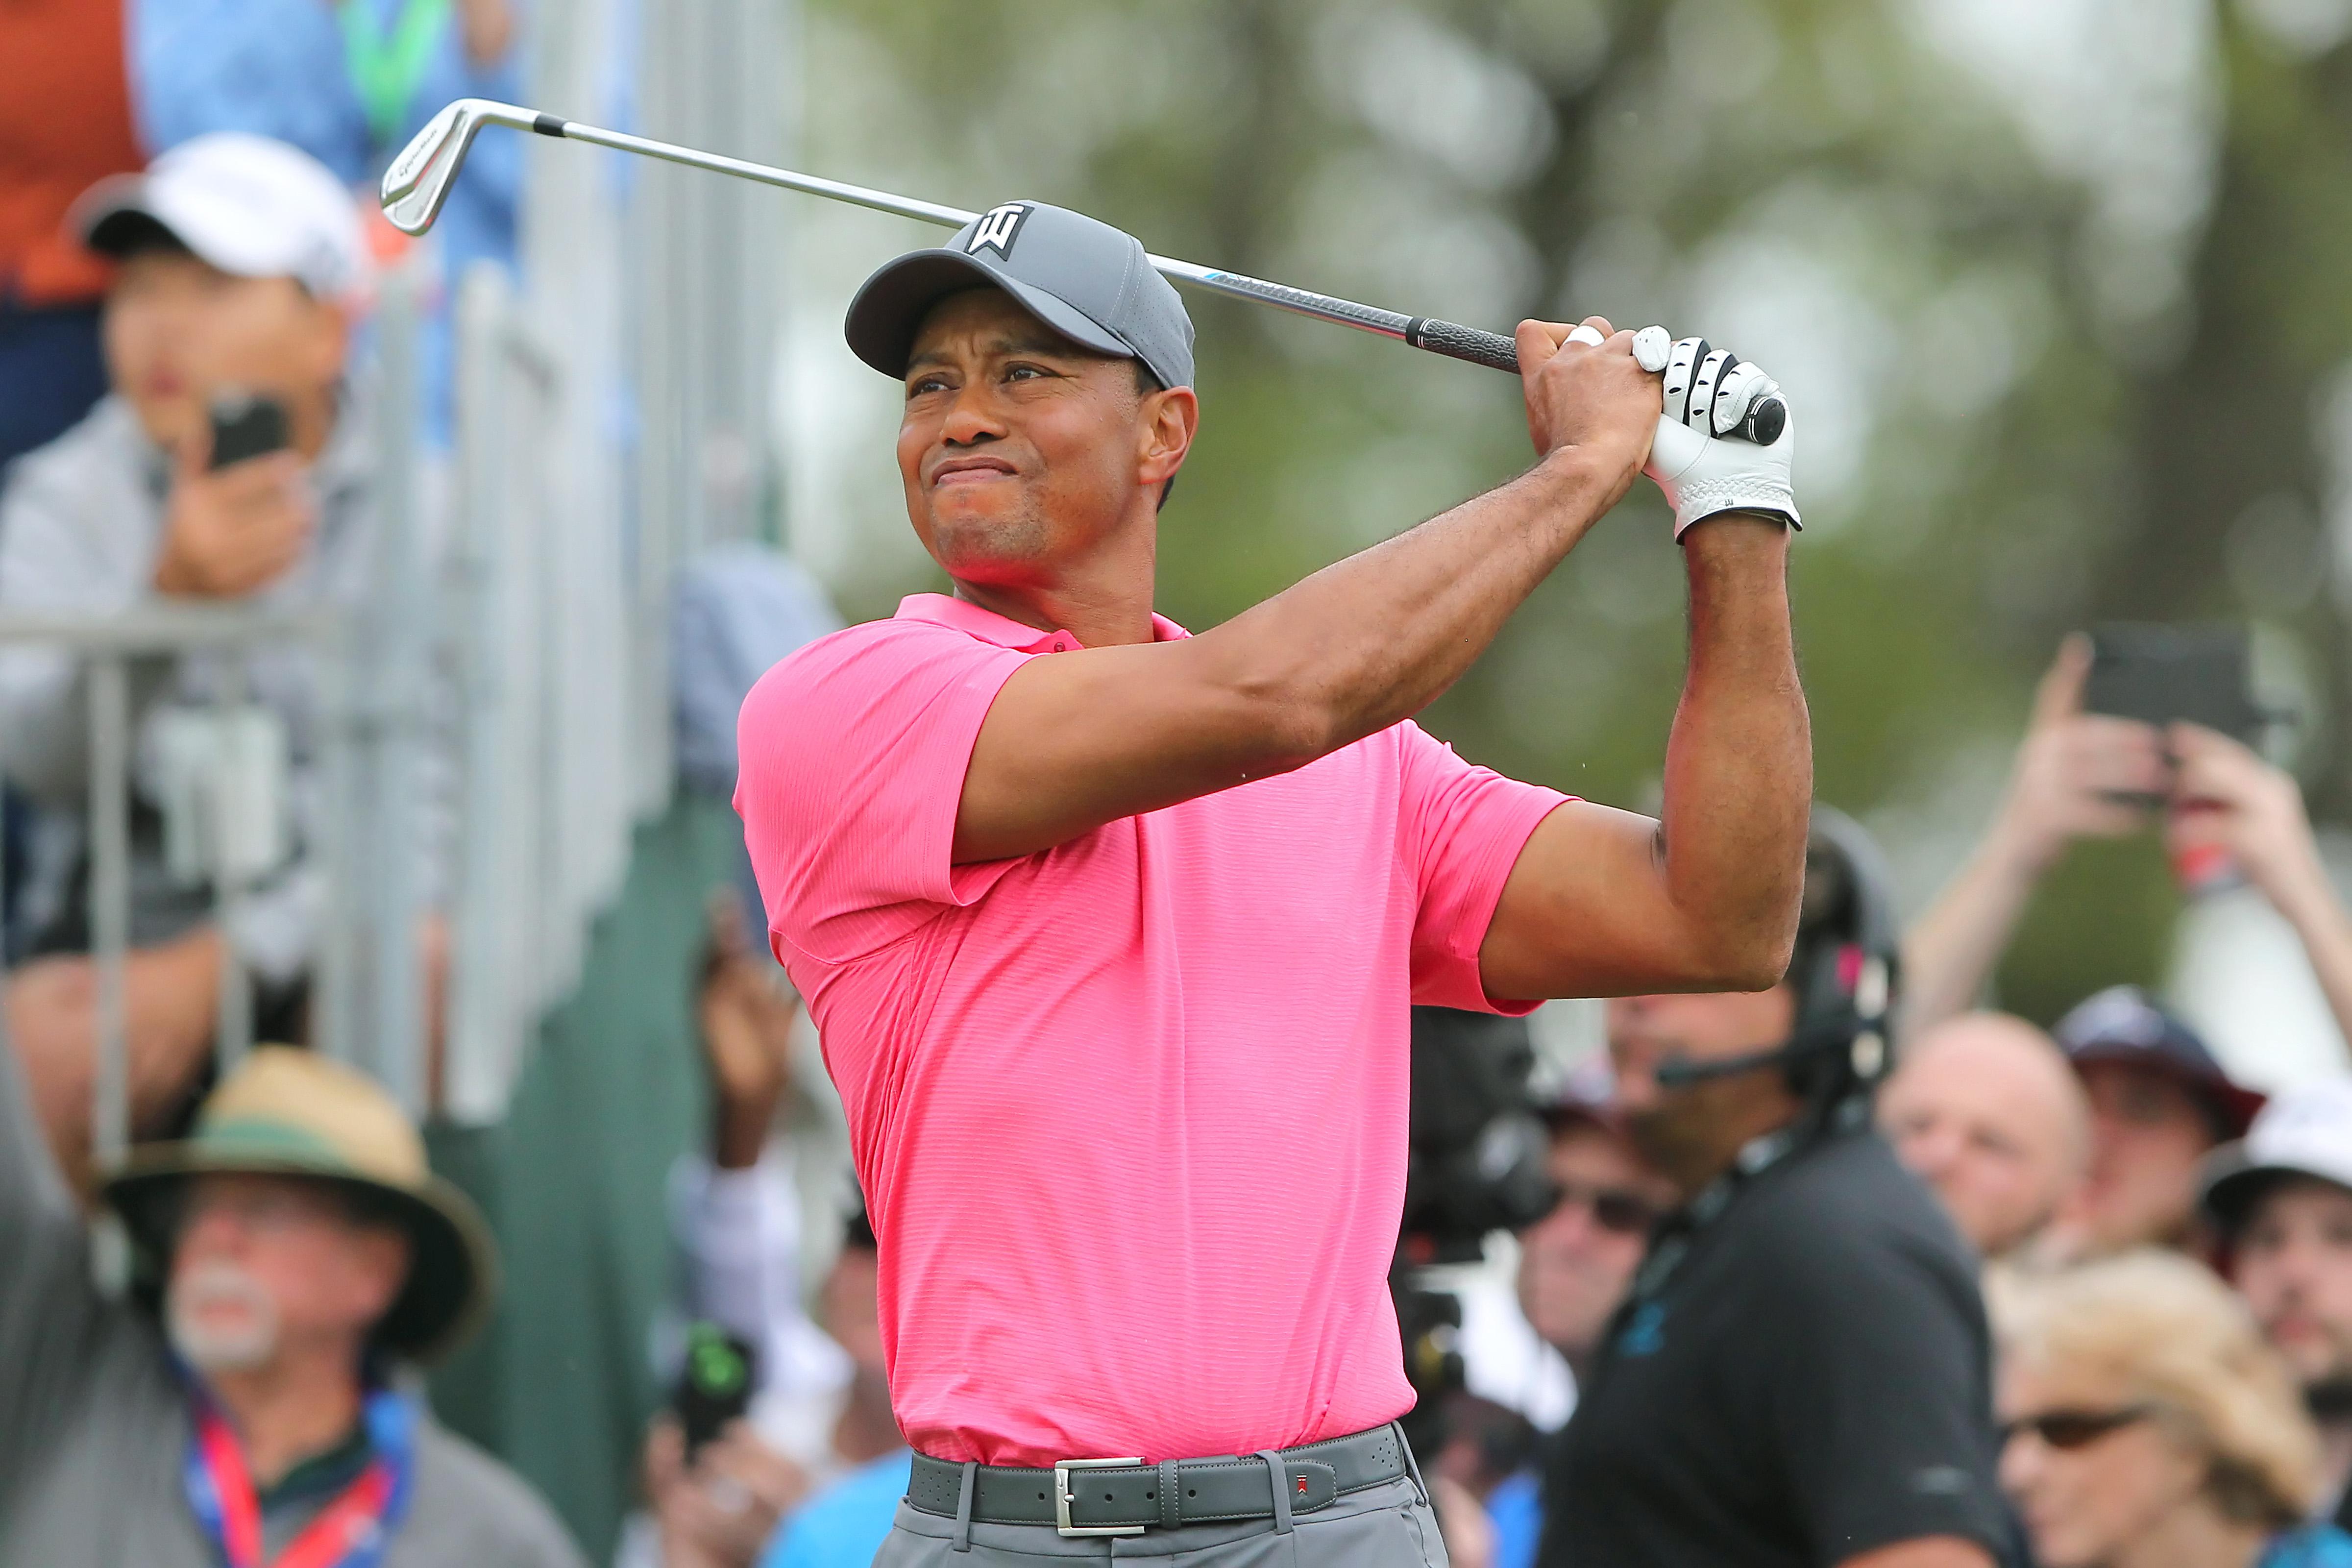 GOLF: MAR 10 PGA - Valspar Championship